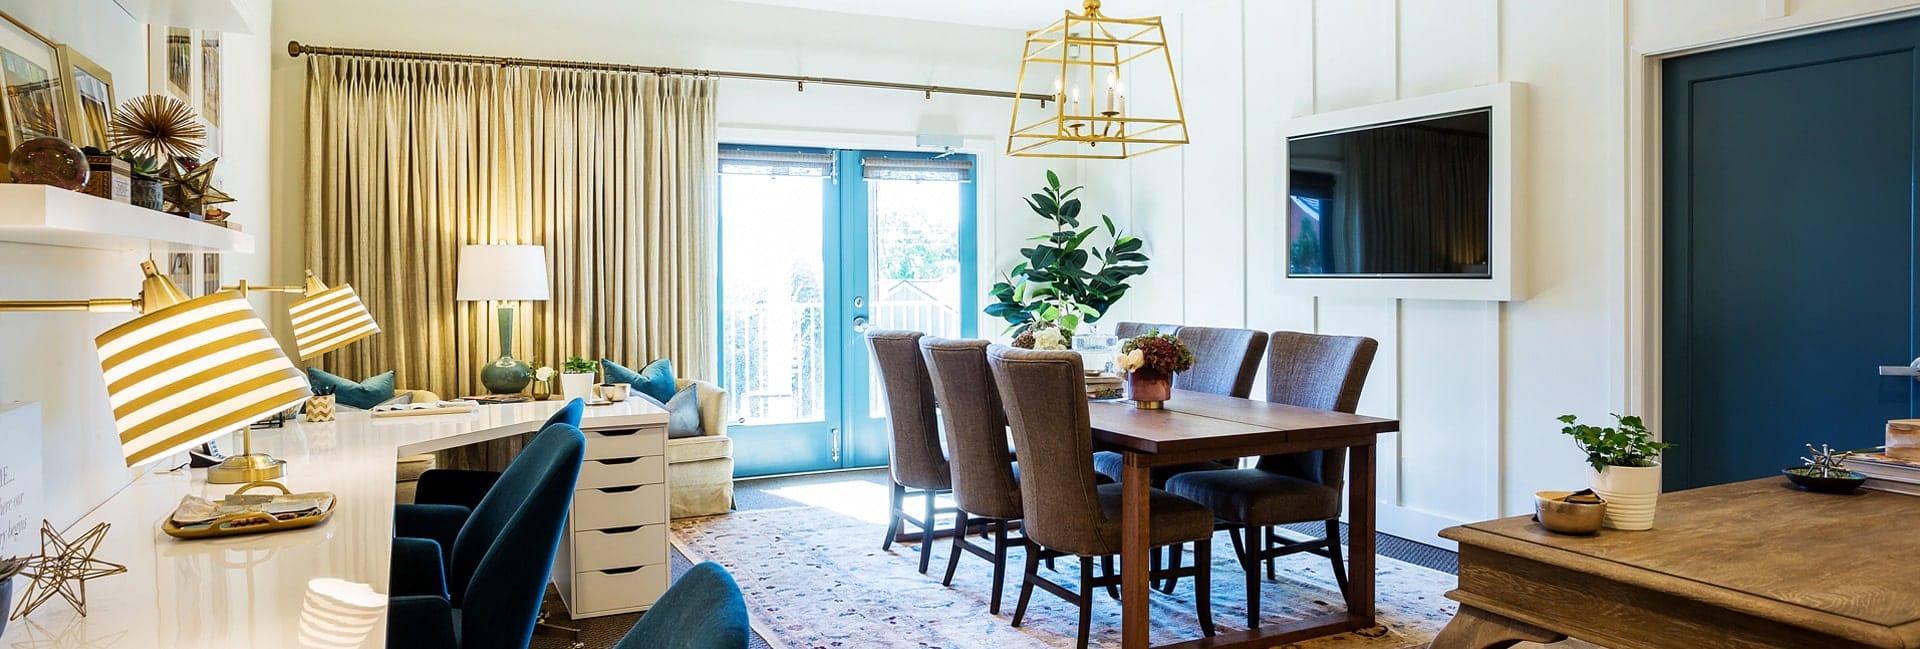 San Marino Ca Upscale Interior Designs